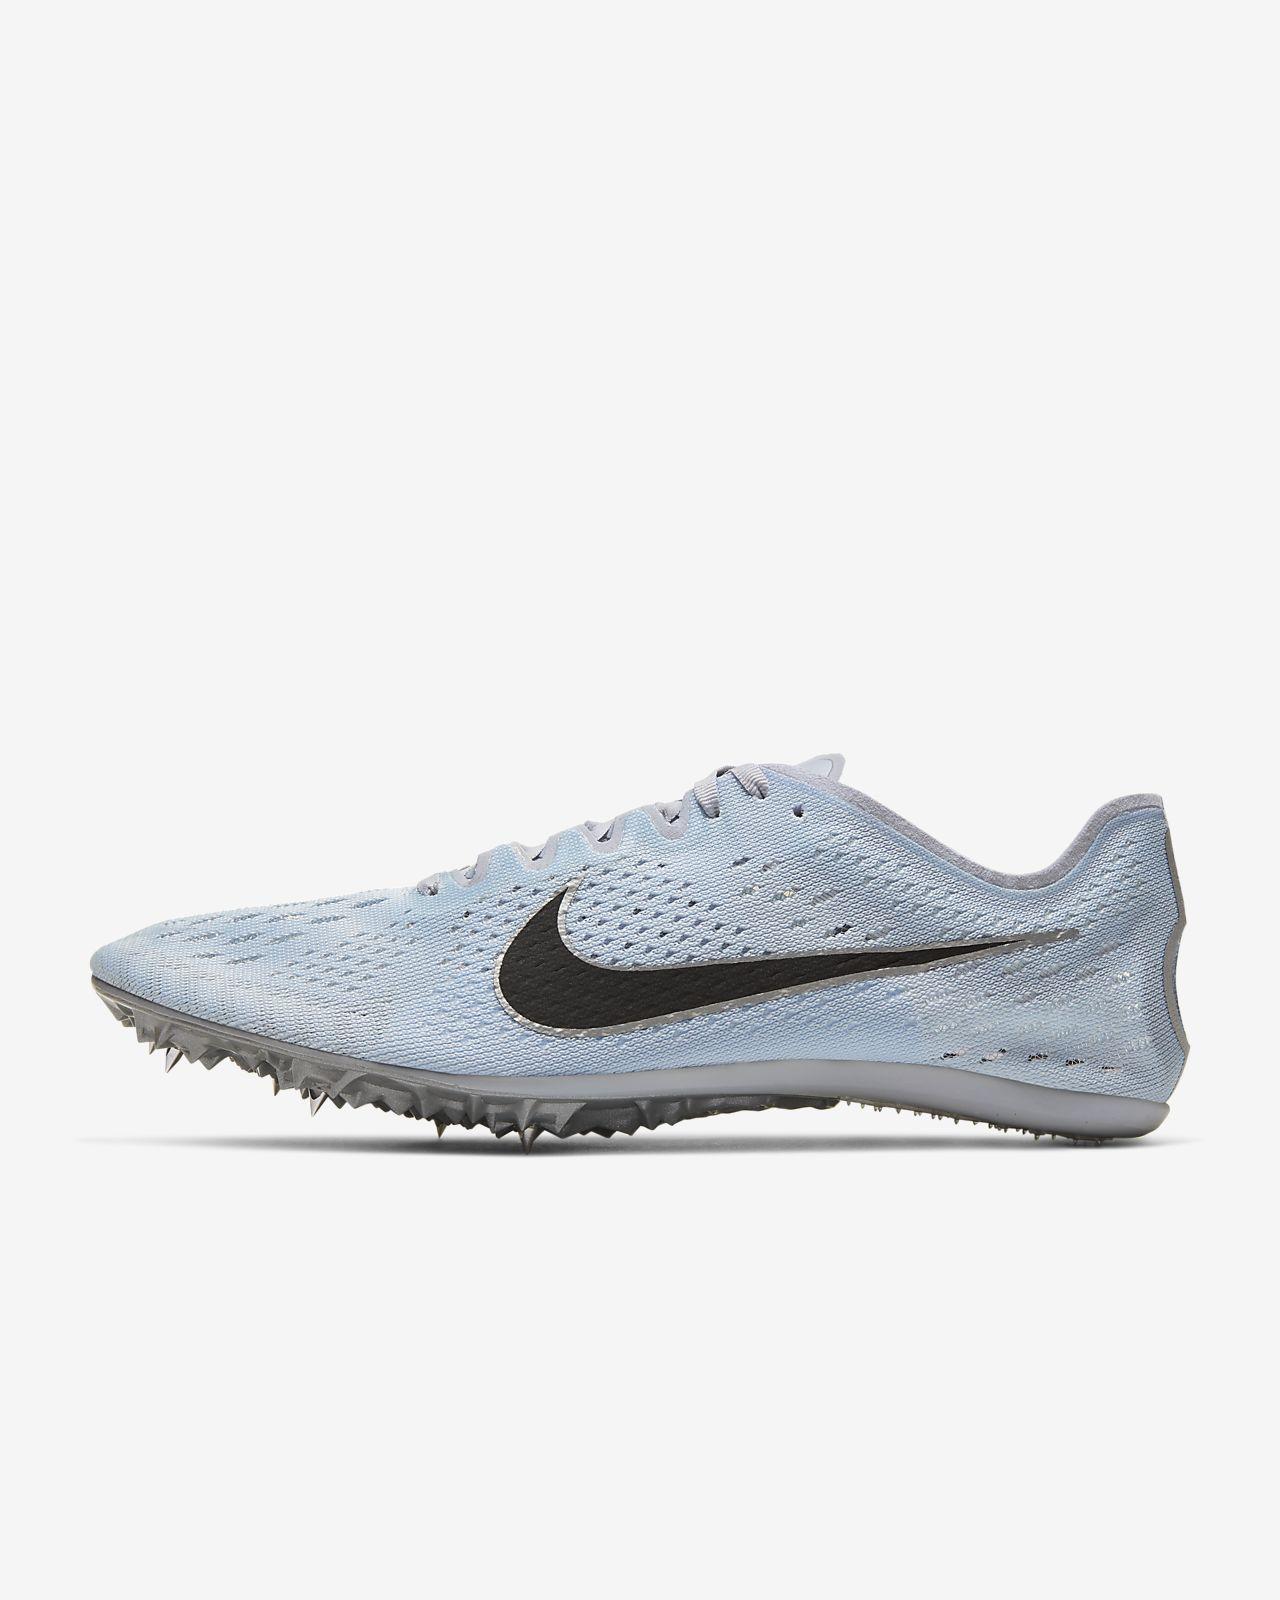 Παπούτσι για αγώνες δρόμου Nike Zoom Victory 3